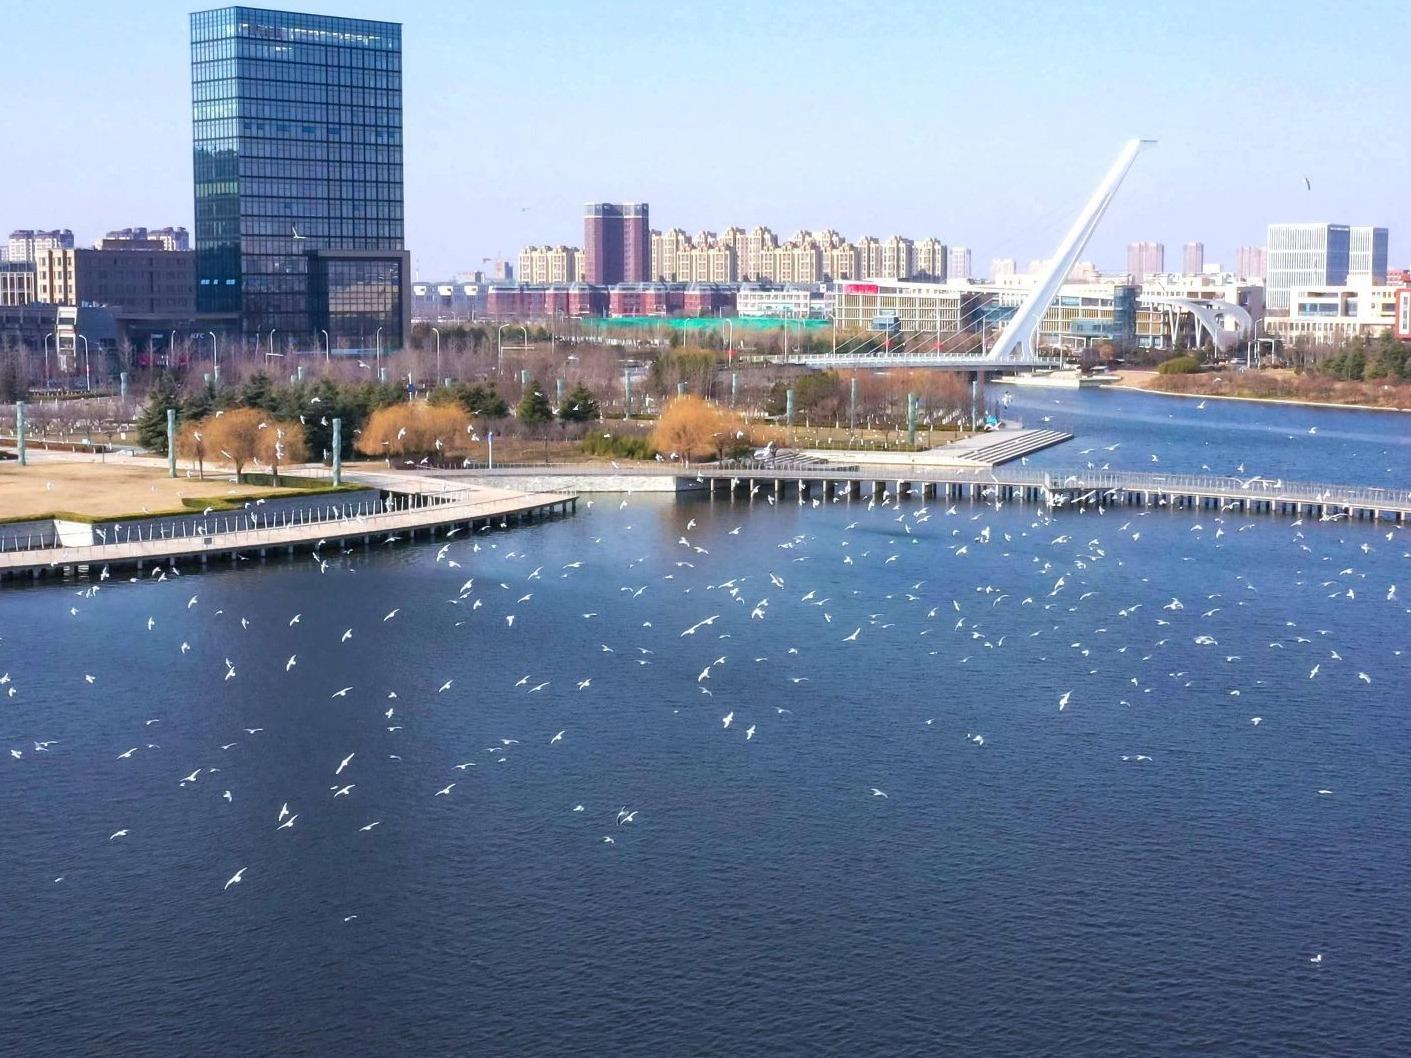 冬日美景!数千只海鸥翱翔青岛祥原因茂河